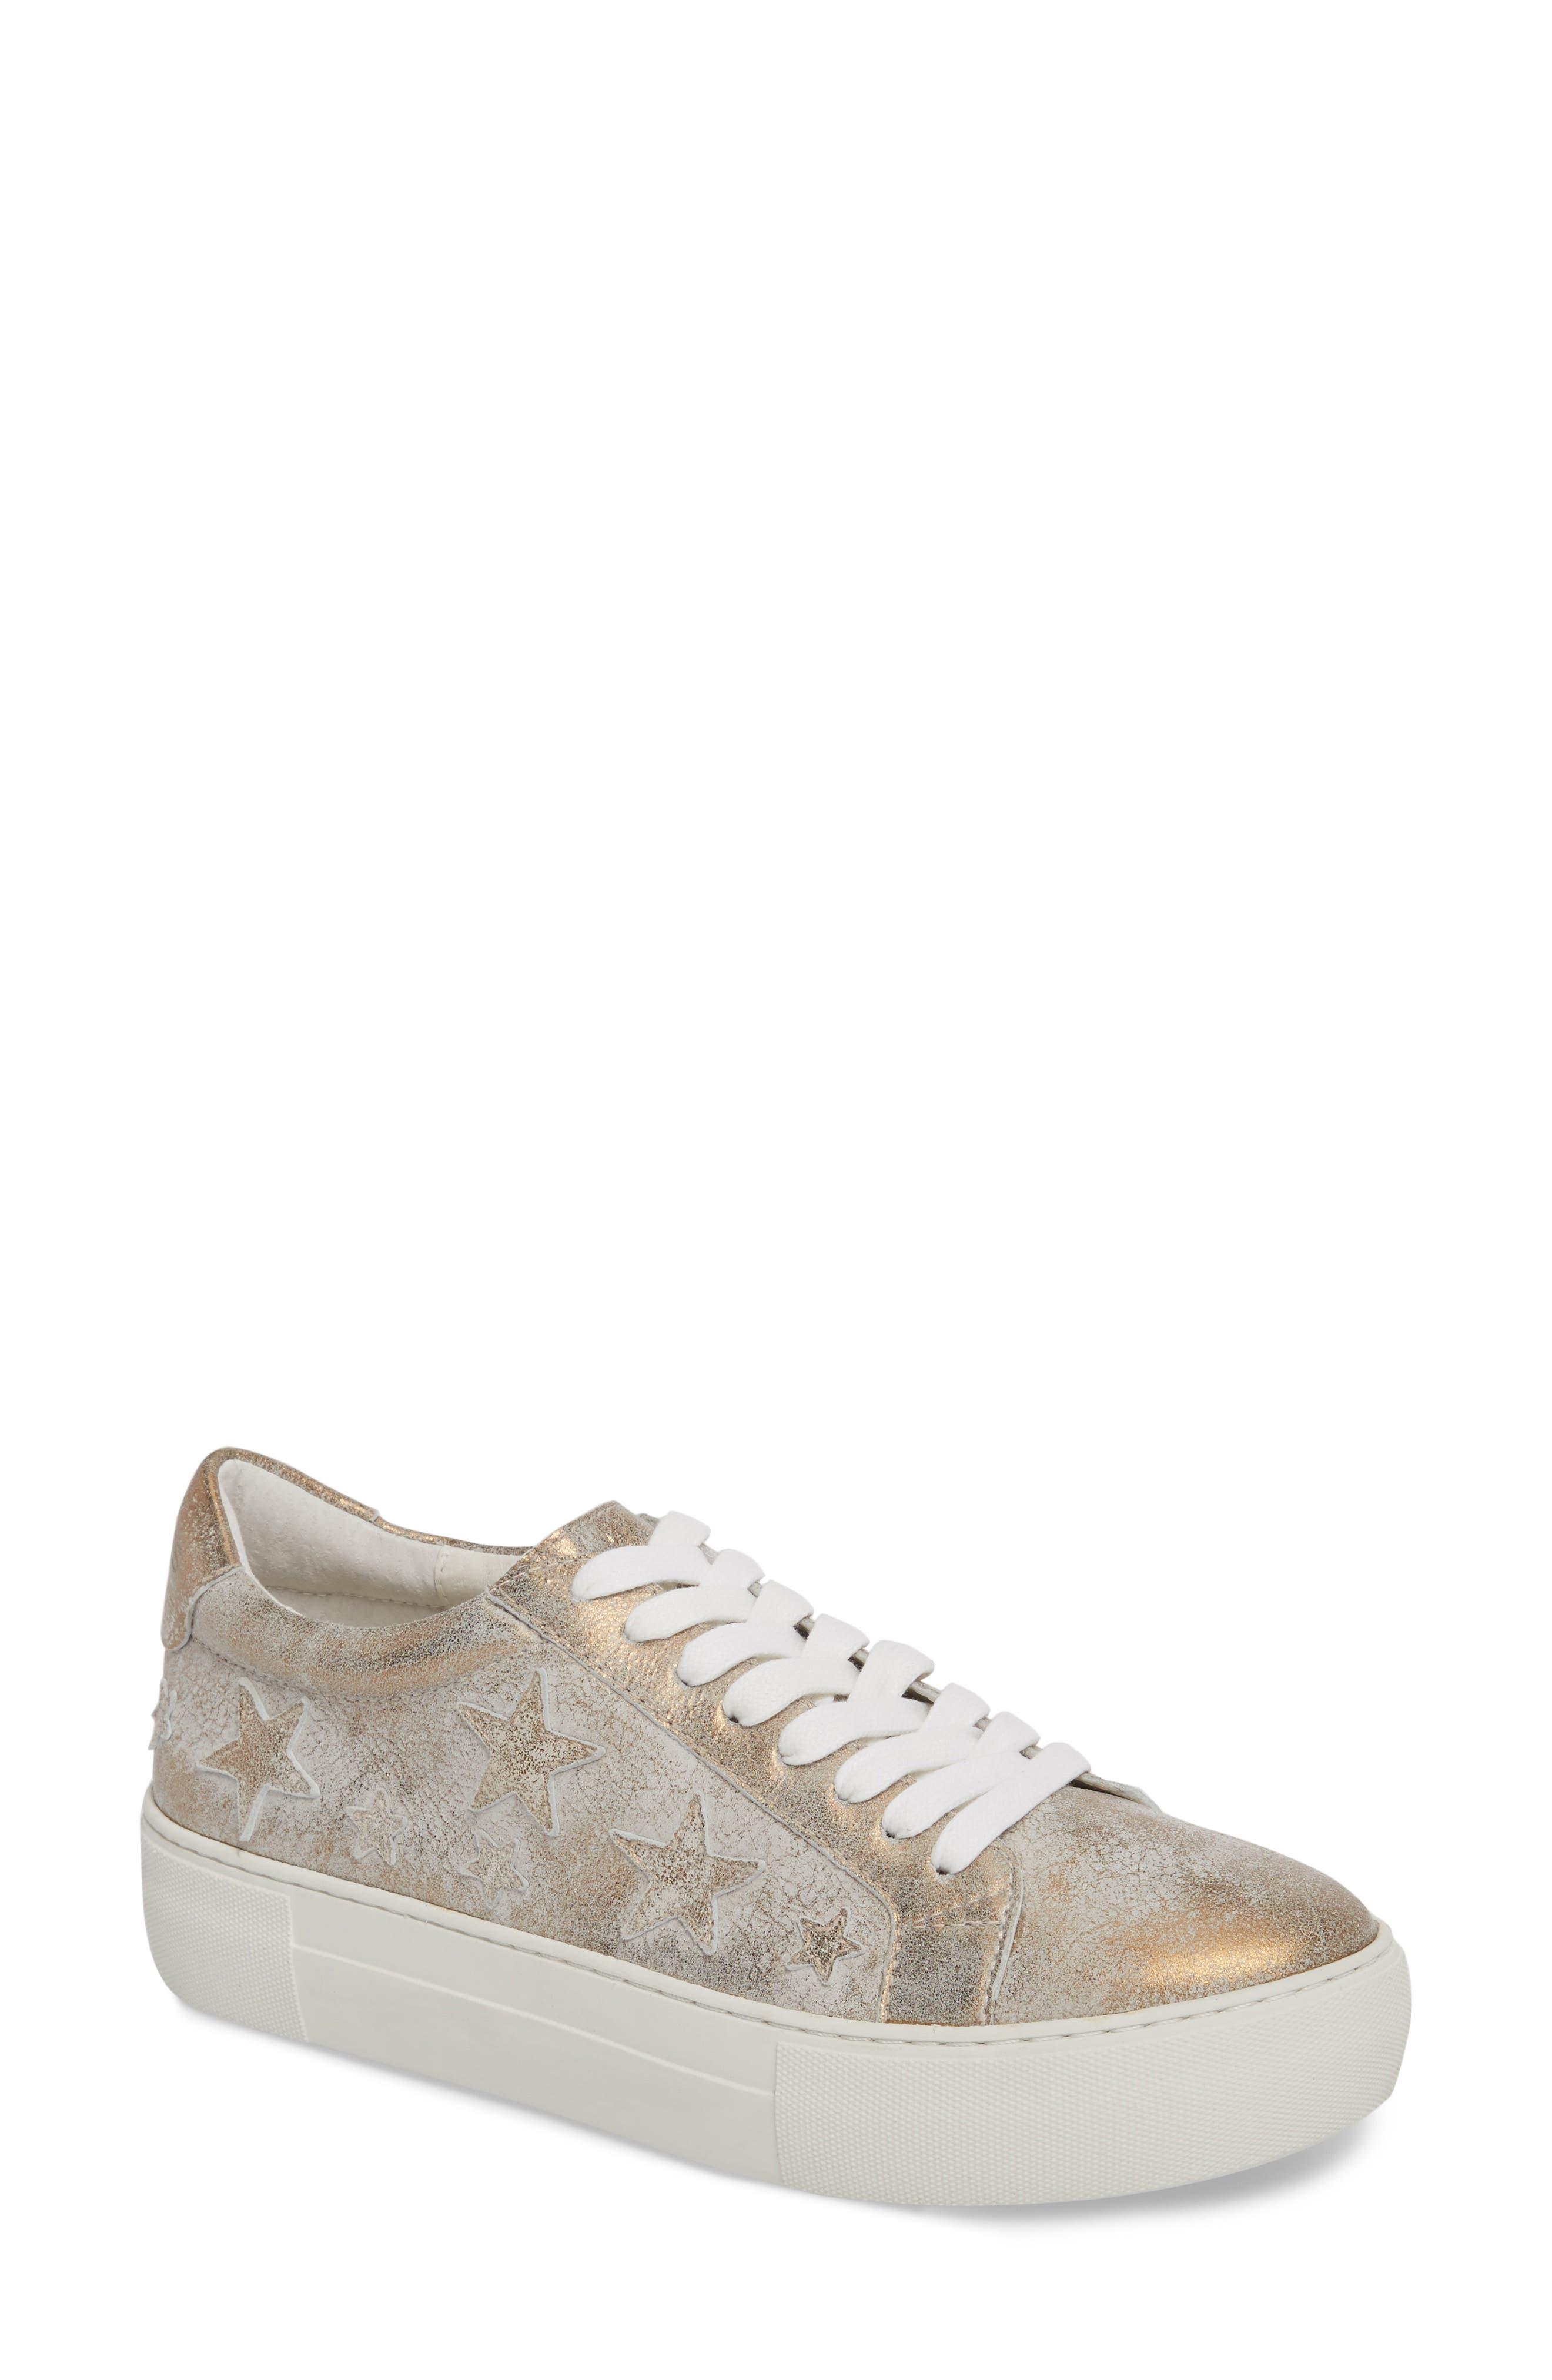 Apostle Sneaker,                         Main,                         color, Bronze Suede